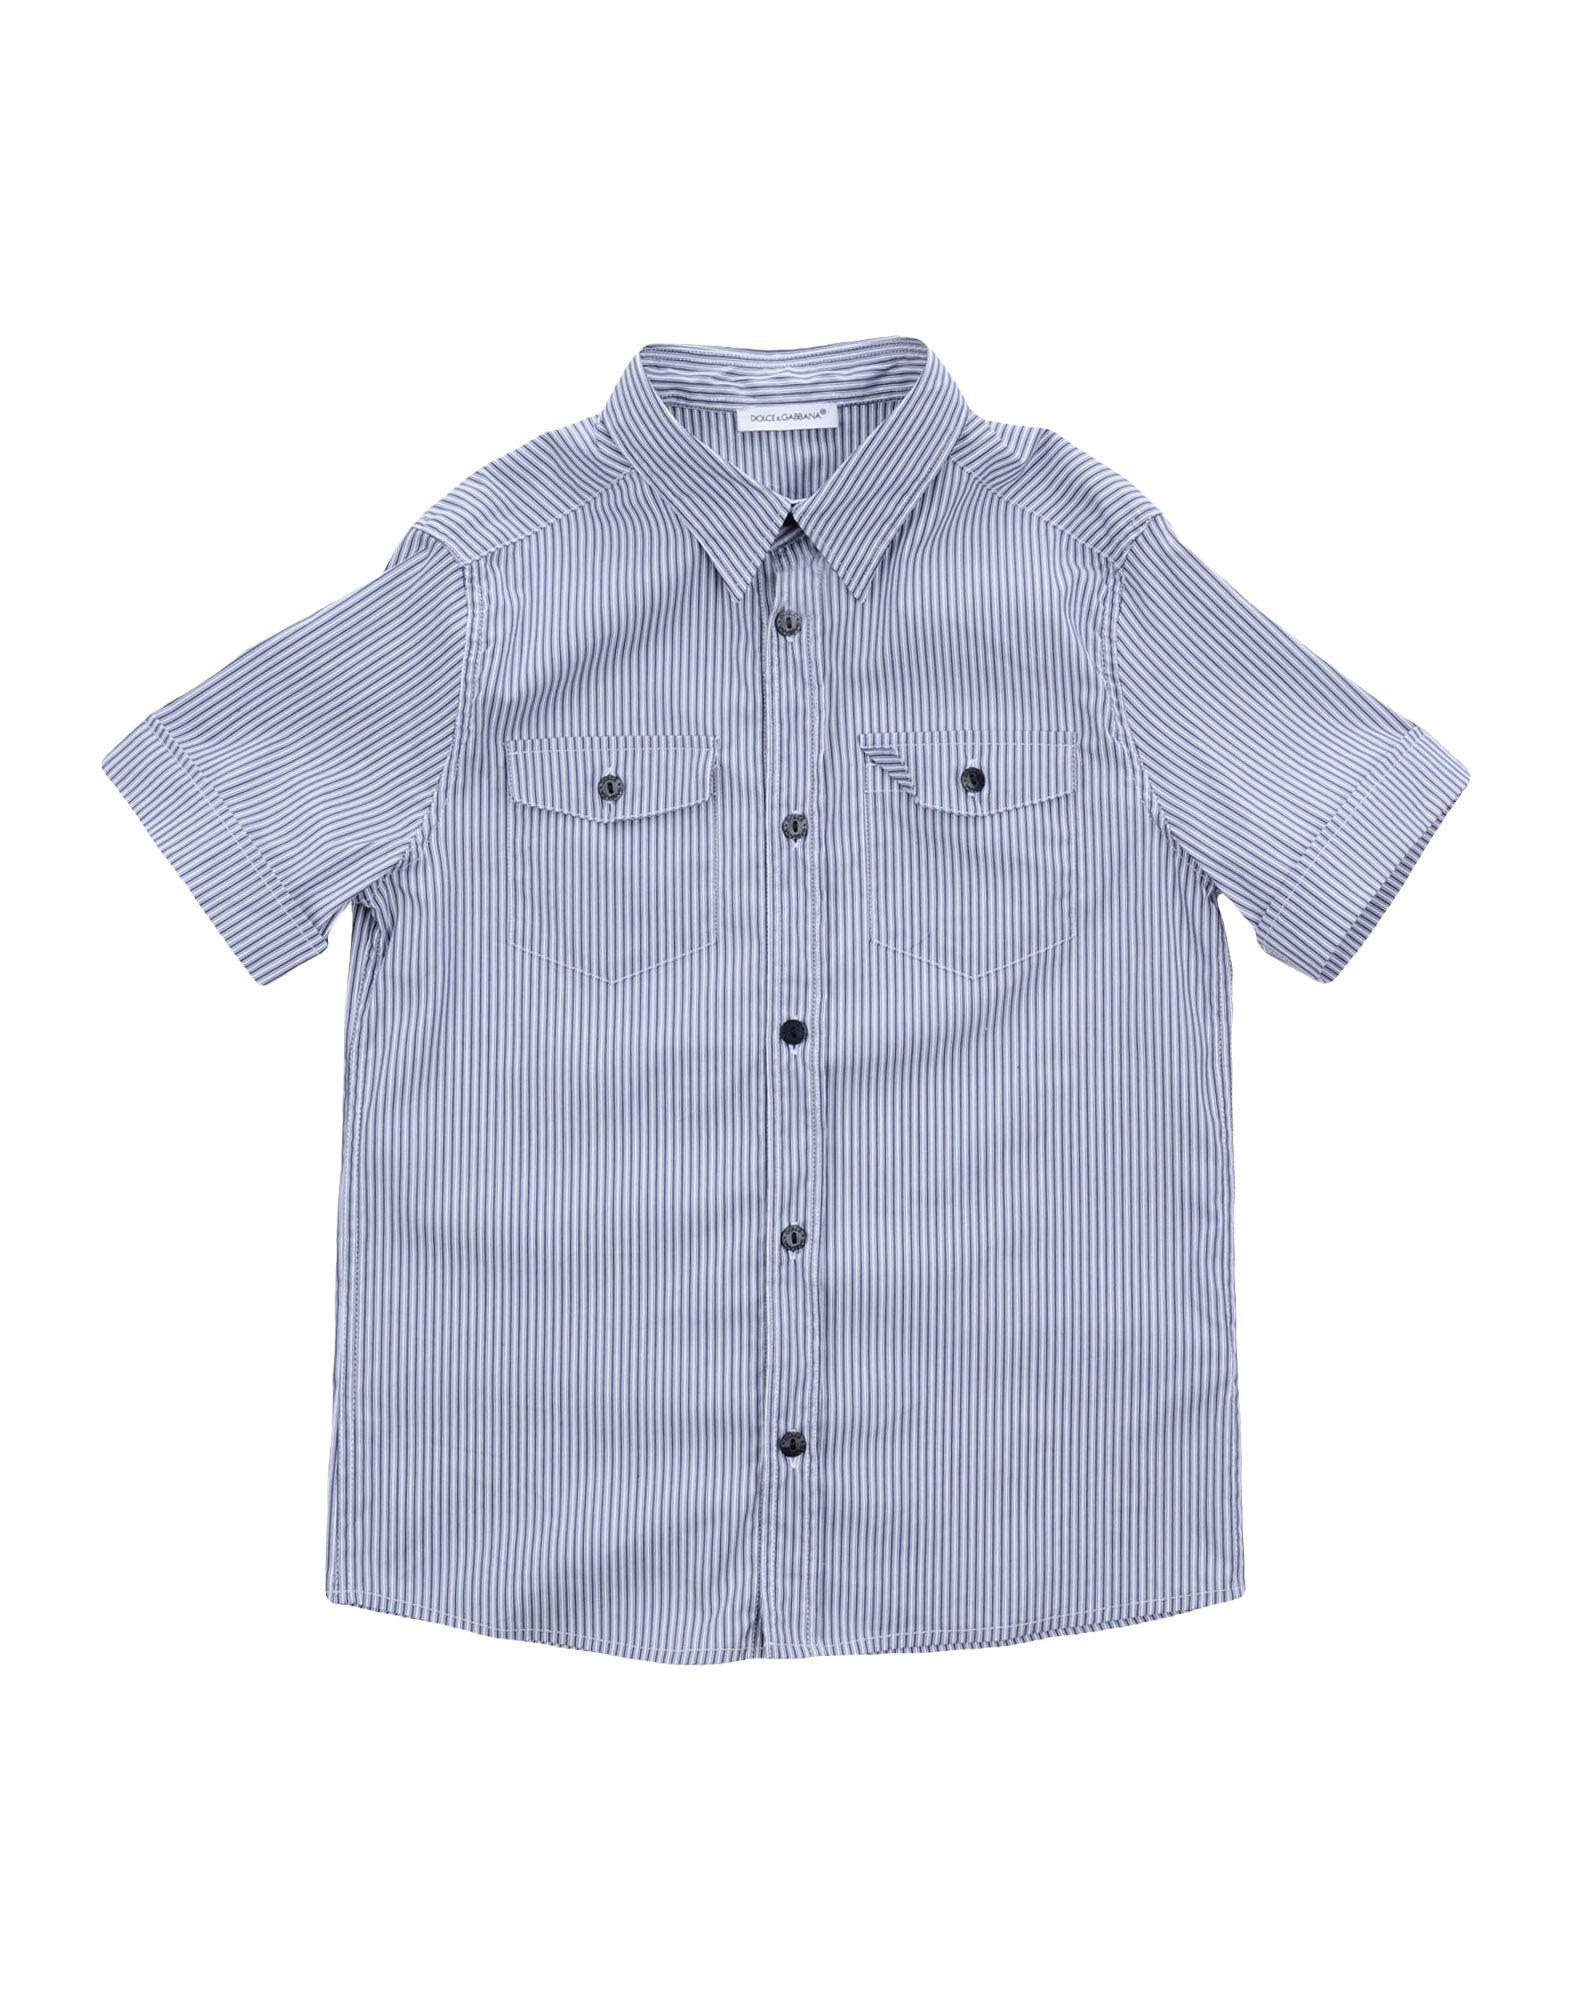 DOLCE & GABBANA Jungen 9-16 jahre Hemd Farbe Dunkelblau Größe 3